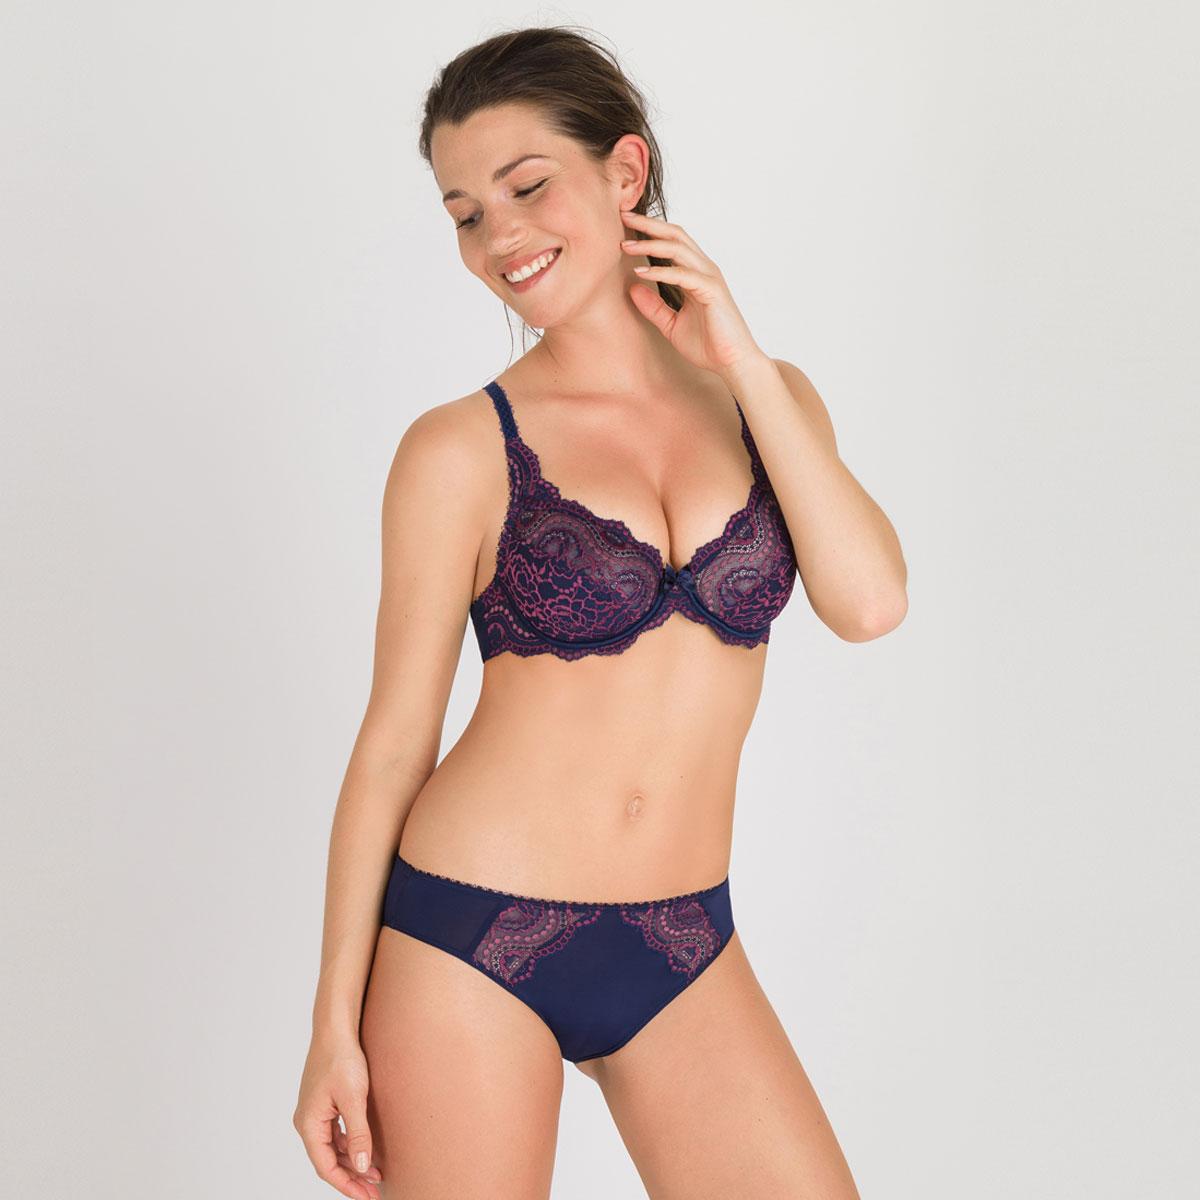 Full Cup Bra in Dark Blue Purple - Flower Elegance-PLAYTEX